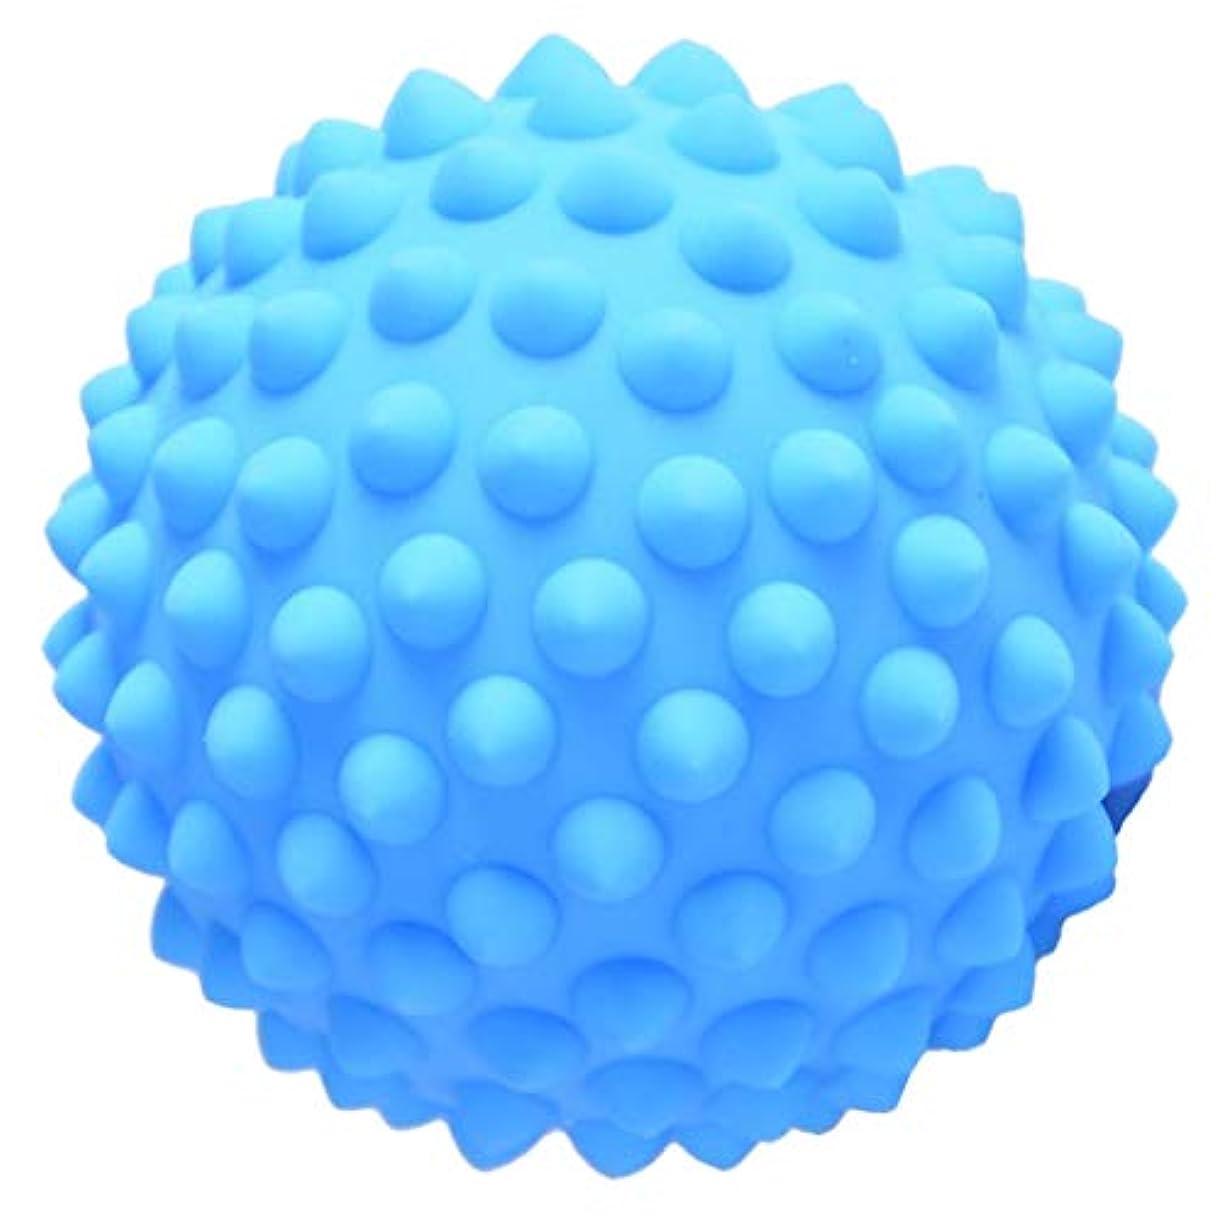 多様な邪魔する失望Hellery ハードPVC 9センチのとがったマッサージローラーボール指圧ボディリラクゼーションマッサージ - 青, 説明のとおり